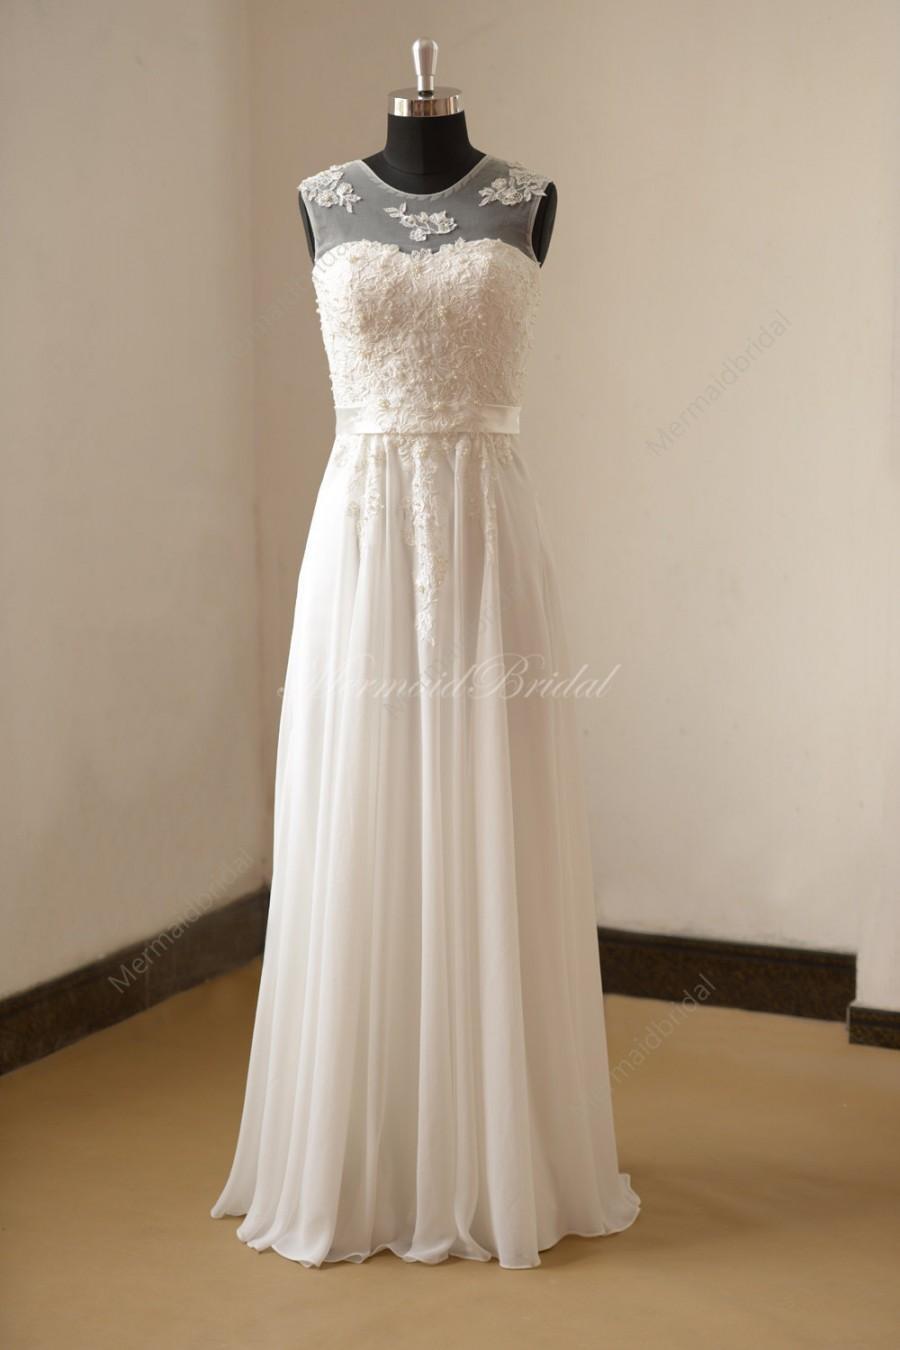 Ivory chiffon lace wedding dress with illusion neckline for Lace wedding dress with pearls